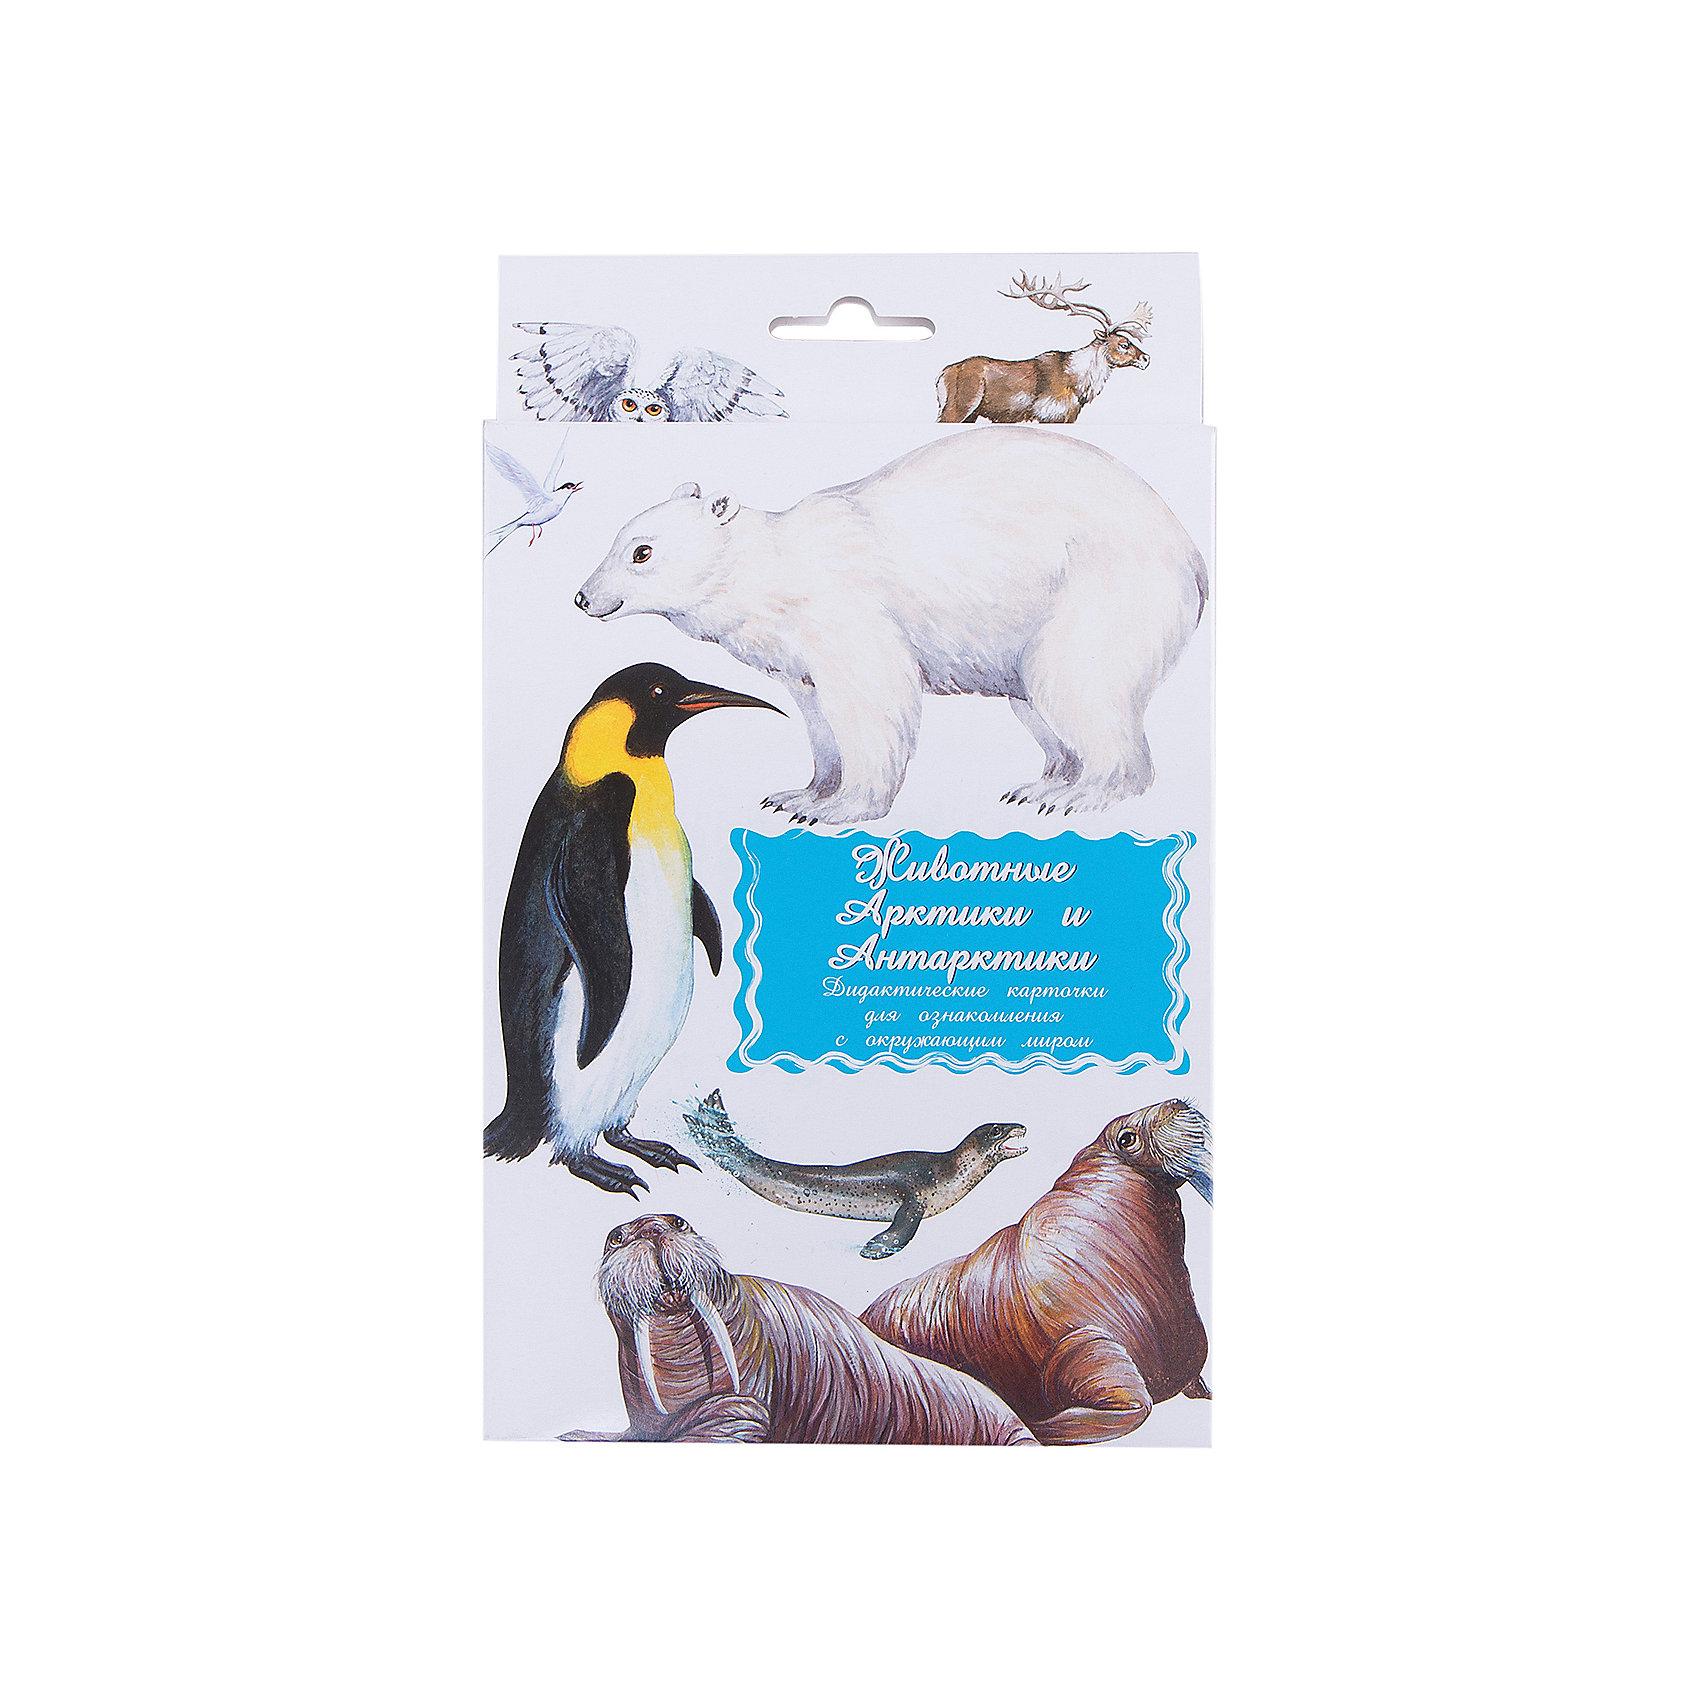 Дидактические карточки Животные Арктики и АнтарктикиТематические комплекты дидактических карточек помогут познакомить ребенка с окружающим миром, развить речевые умения, научить сравнивать, классифицировать, обобщать. Карточки рекомендуются родителям для познавательных игр с детьми и занятий  по методике Г.Домана.  Могут использоваться в индивидуальной и групповой работе логопедами, психологами, воспитателями детских садов, учителями начальных классов.  В каждом комплекте 16 карточек, каждая из которых содержит интересную познавательную информацию об изображенном на ней предмете.<br><br>Ширина мм: 150<br>Глубина мм: 90<br>Высота мм: 90<br>Вес г: 200<br>Возраст от месяцев: 36<br>Возраст до месяцев: 2147483647<br>Пол: Унисекс<br>Возраст: Детский<br>SKU: 4802972